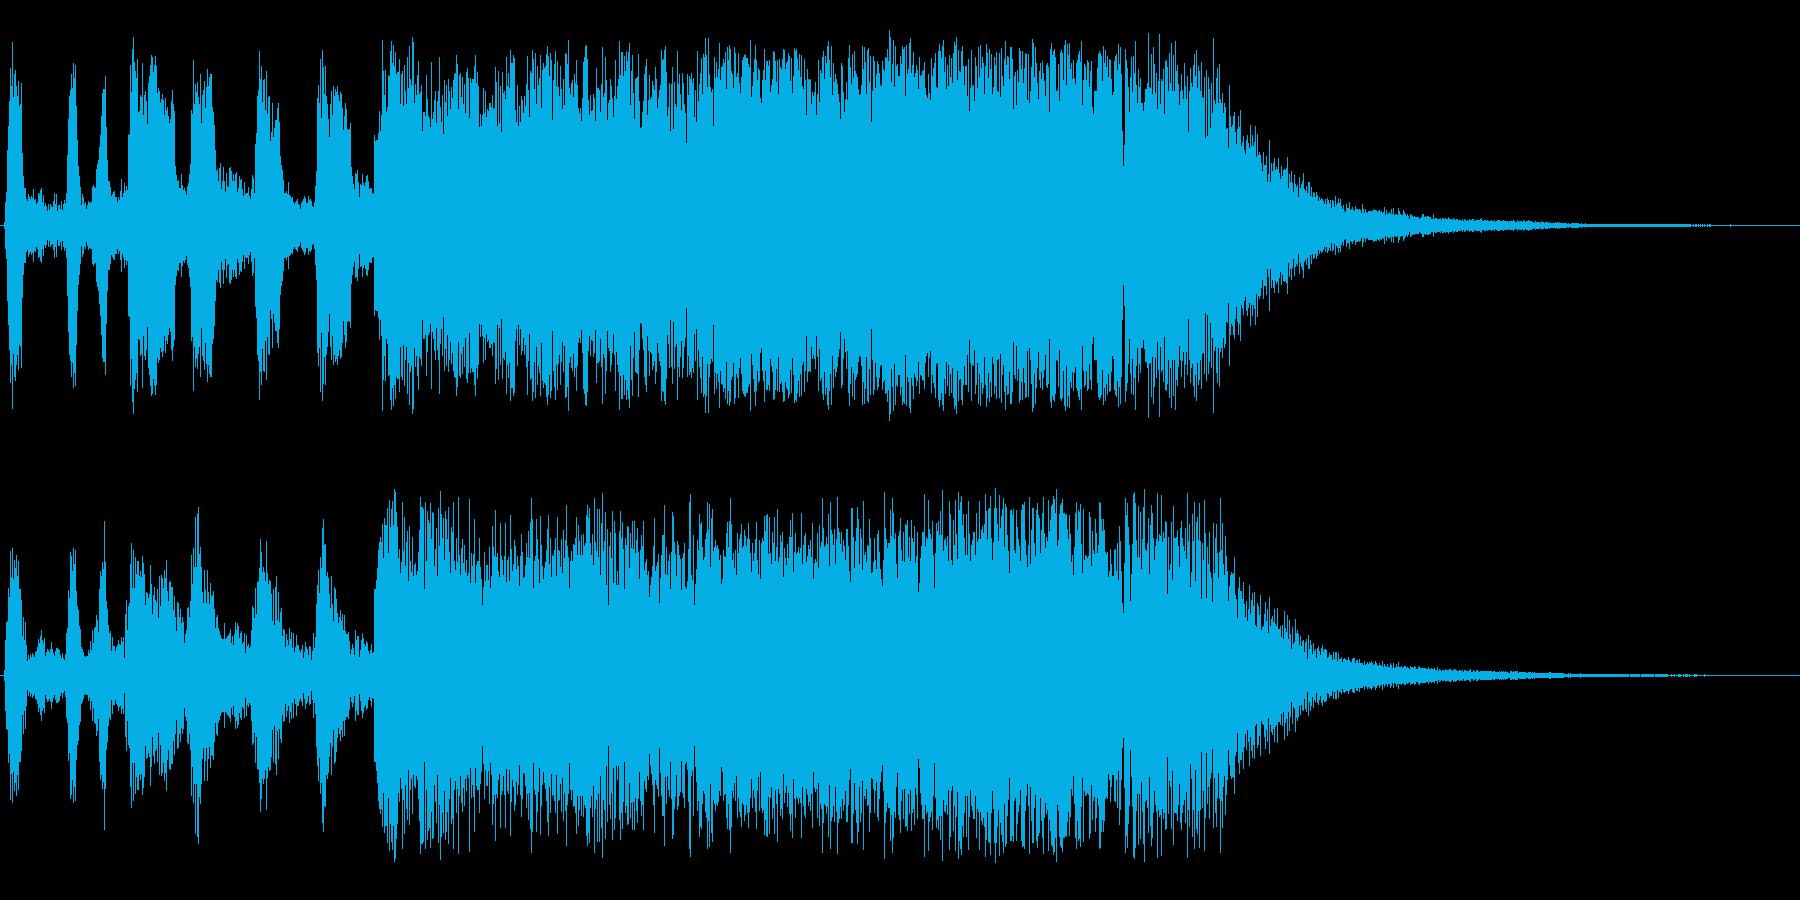 ブラスのファンファーレの再生済みの波形